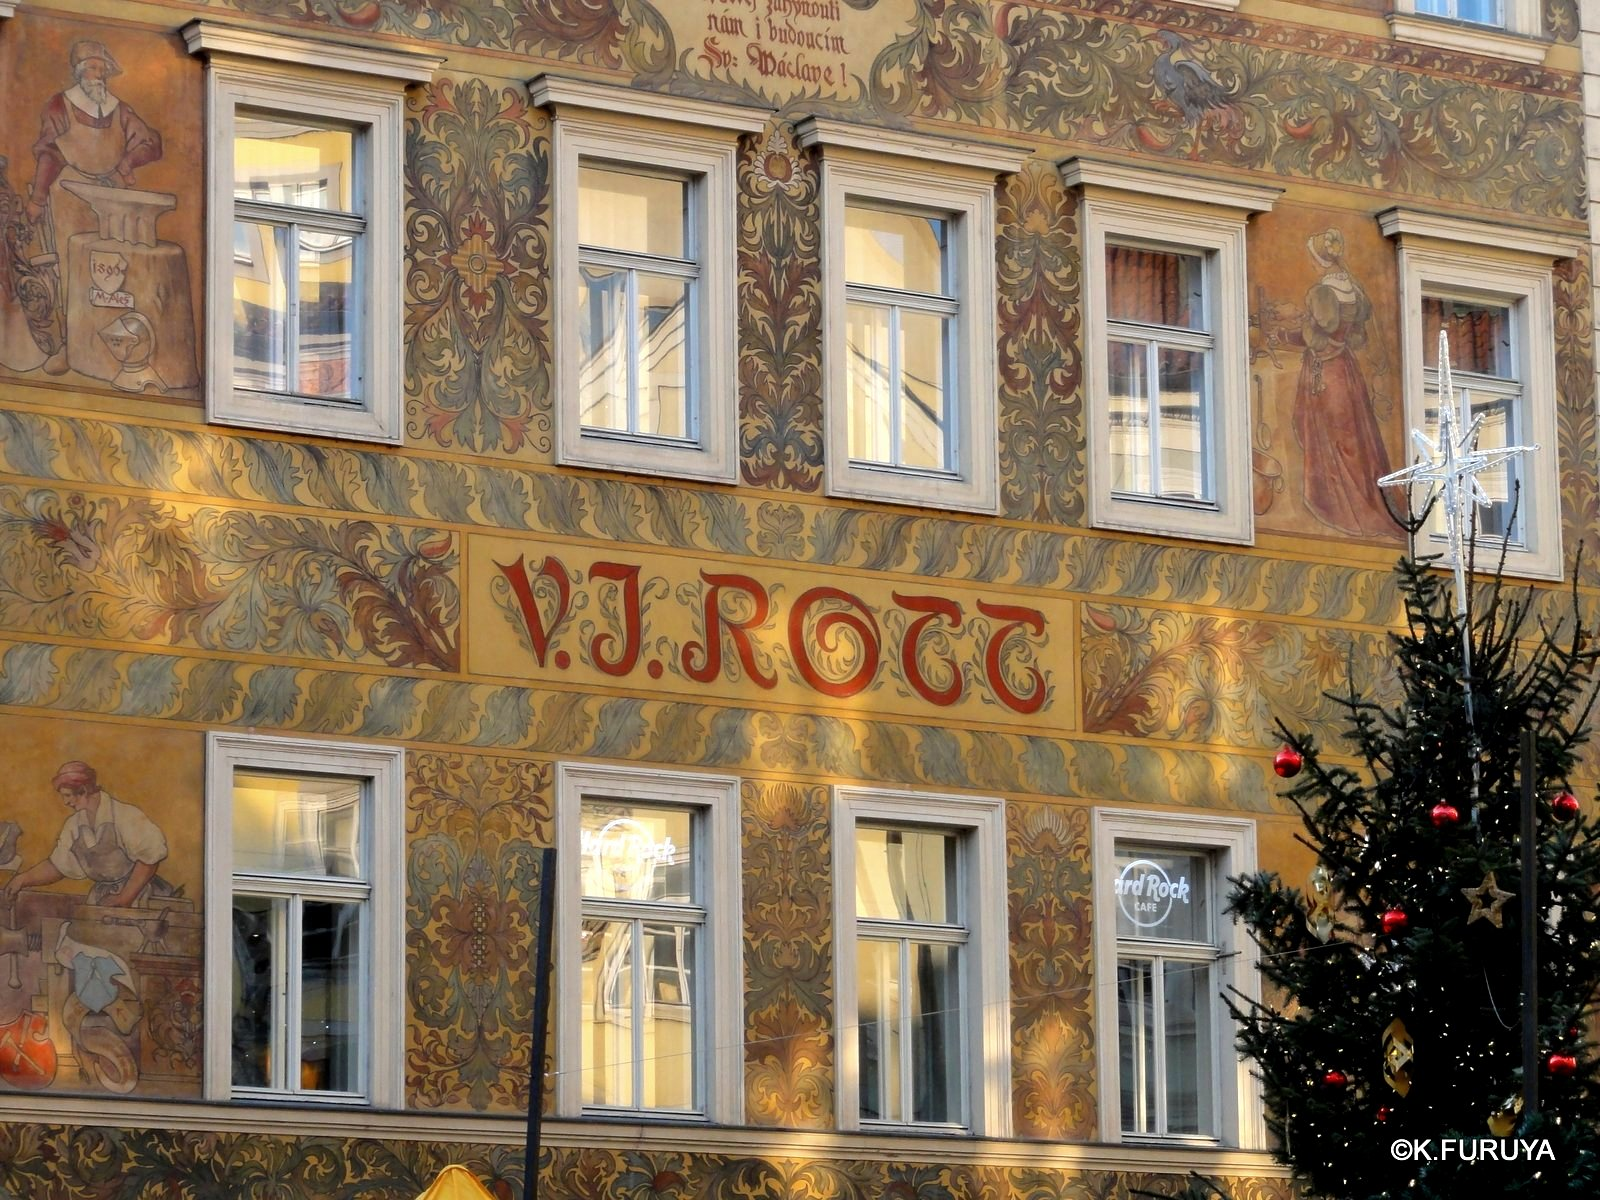 プラハ 9  旧市街広場_a0092659_21184099.jpg